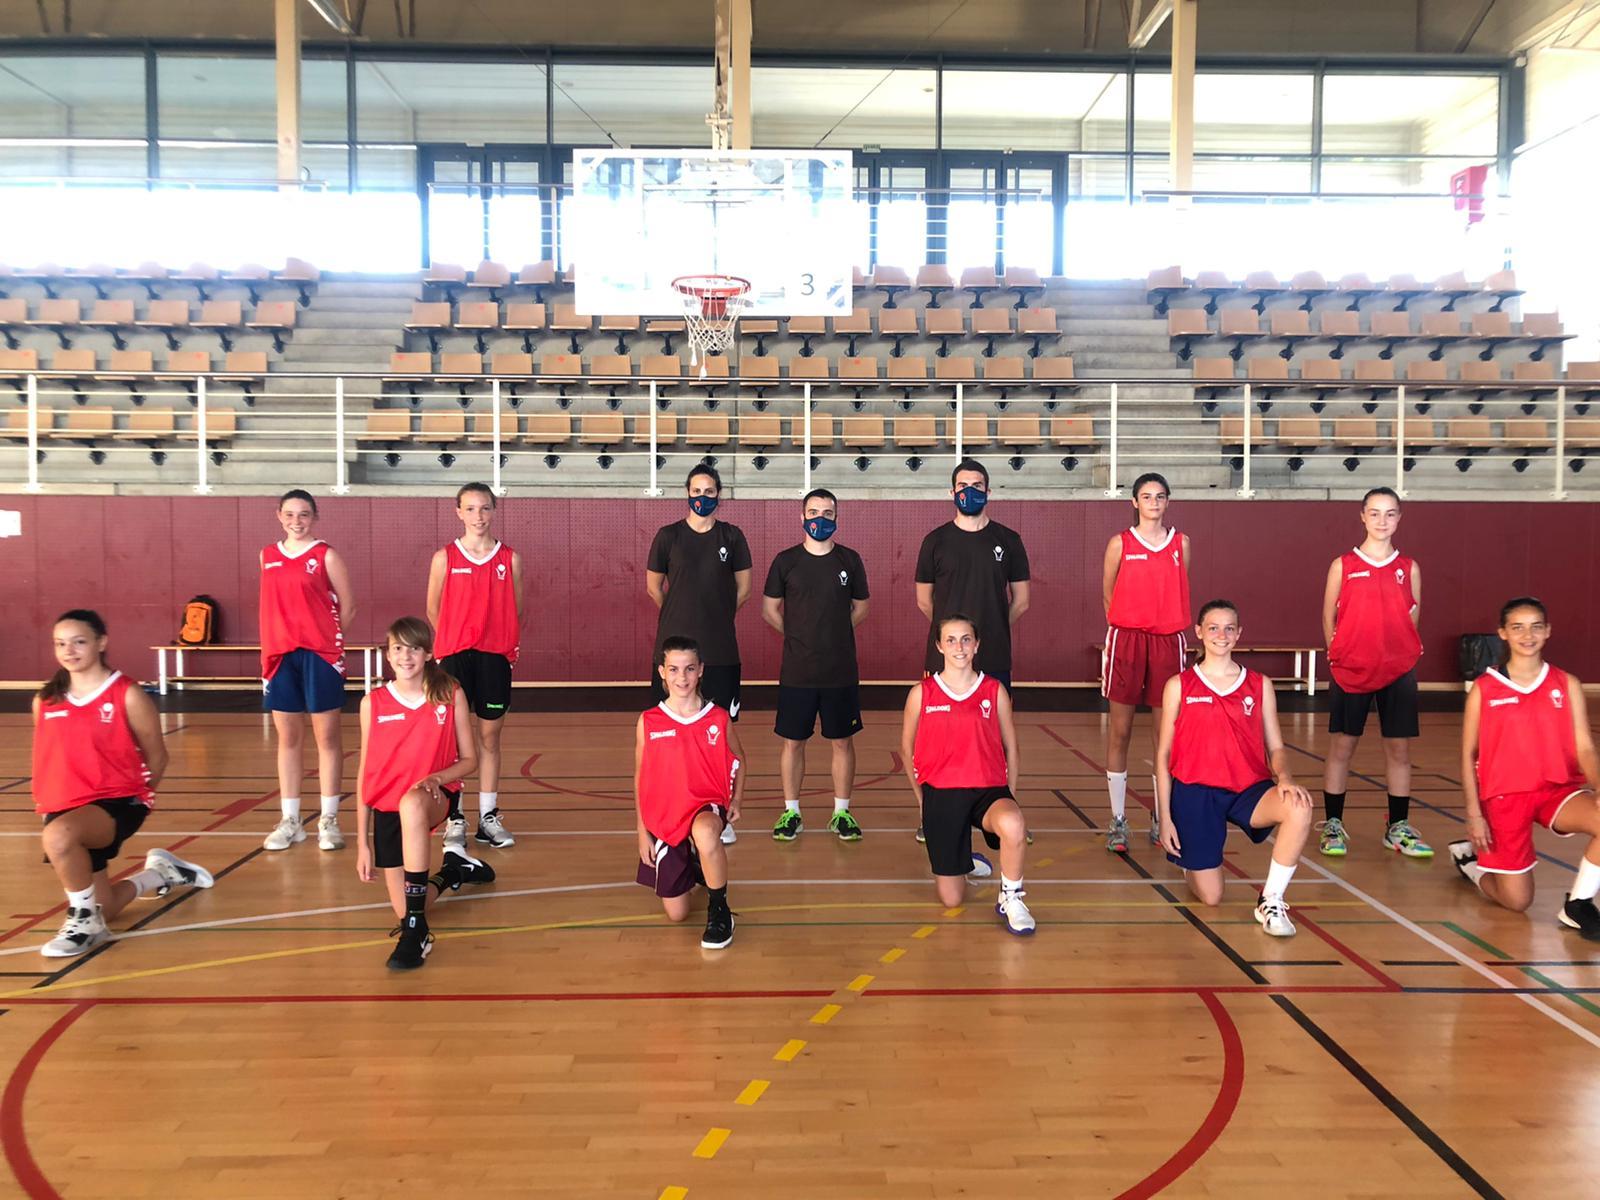 L'Ajuntament i la Federació Catalana de Bàsquet renoven el conveni fins al 2023